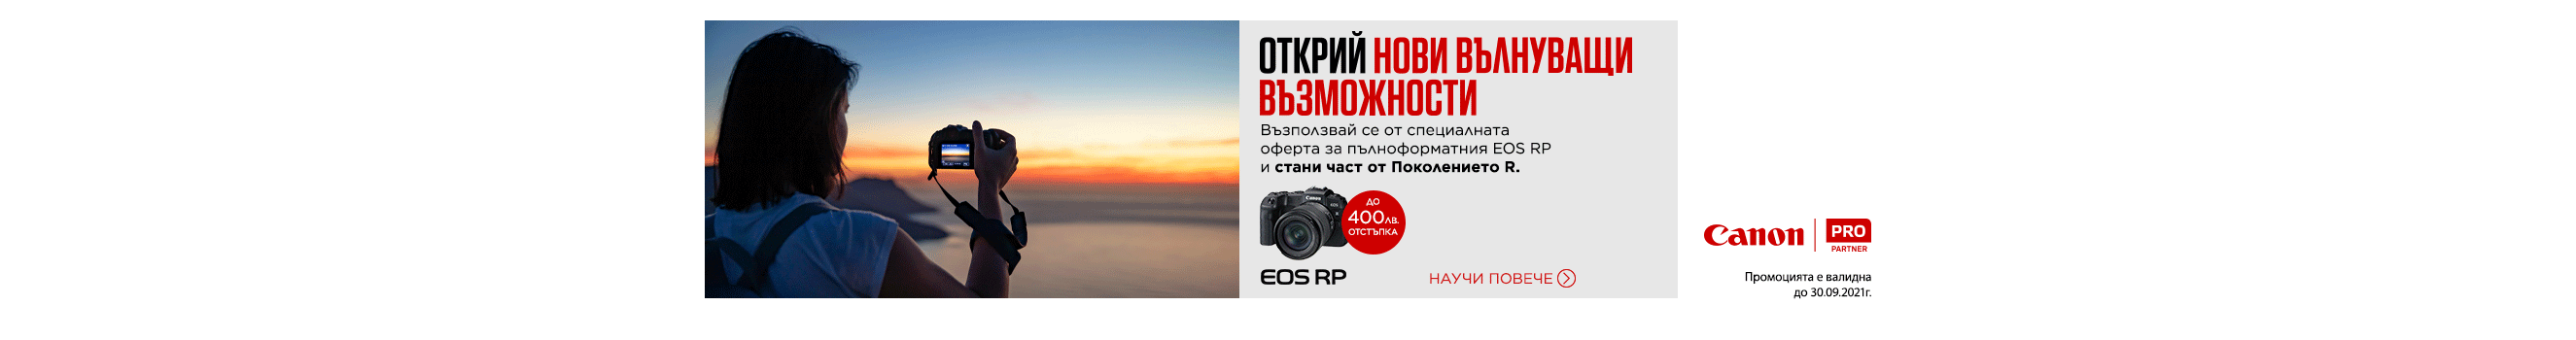 Фотоапарати Canon EOS RP с до 400 лв. отстъпка в магазини ФотоСинтезис